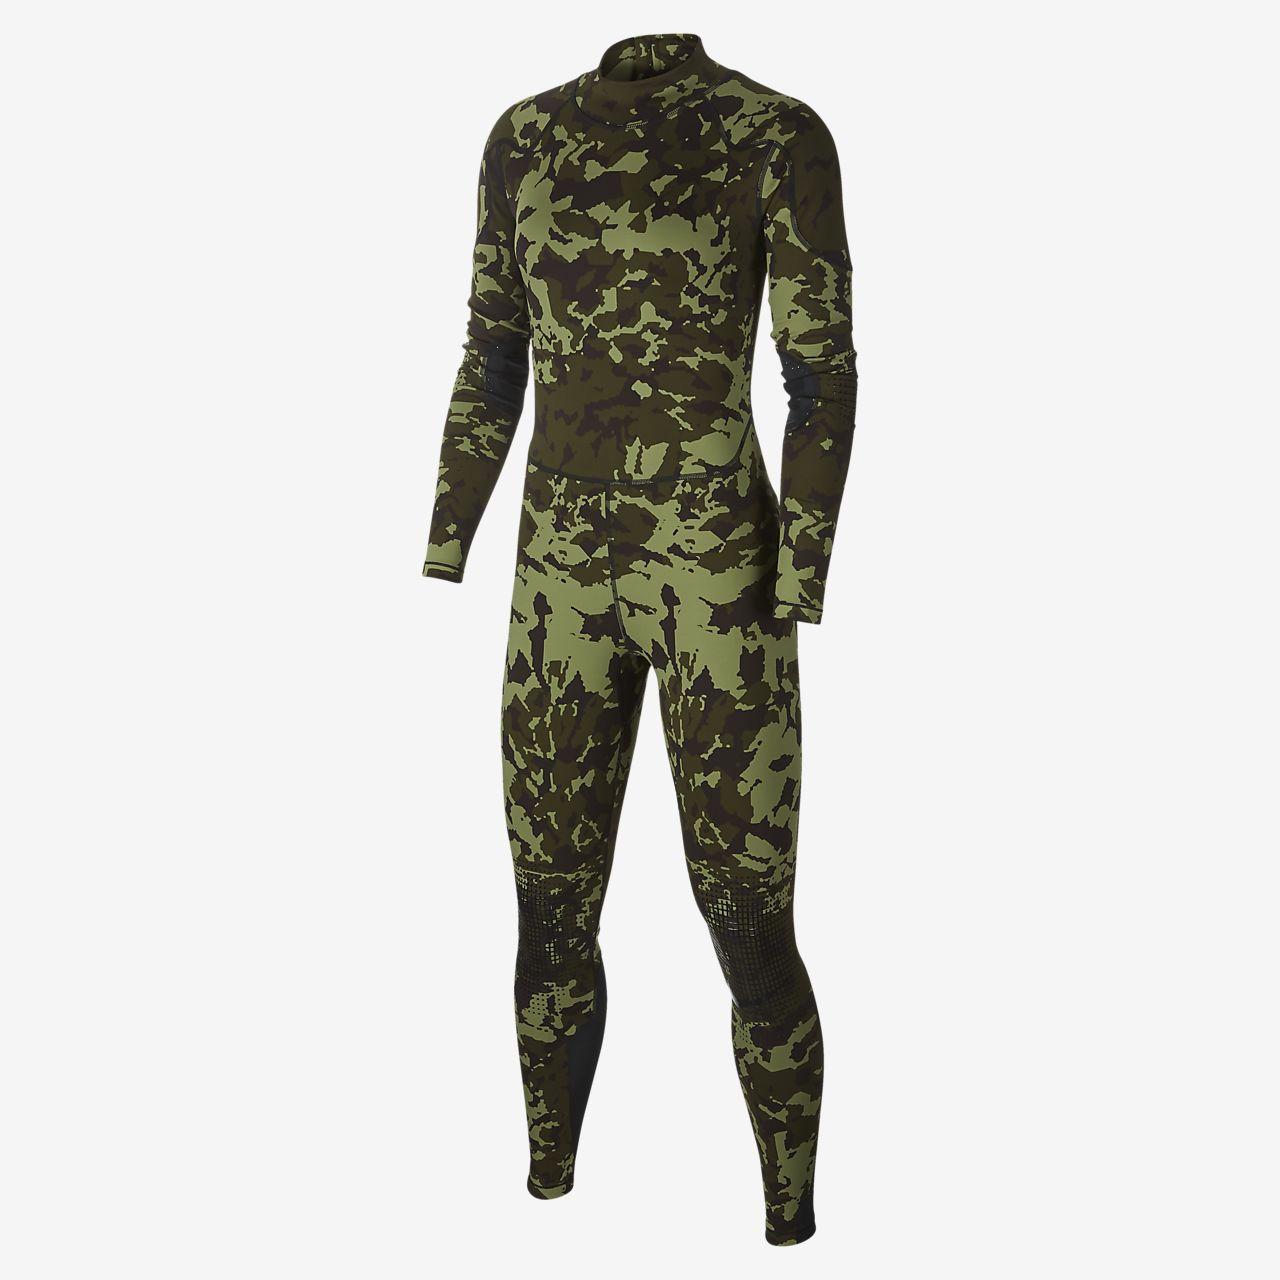 Nike x MMW Women's Bodysuit